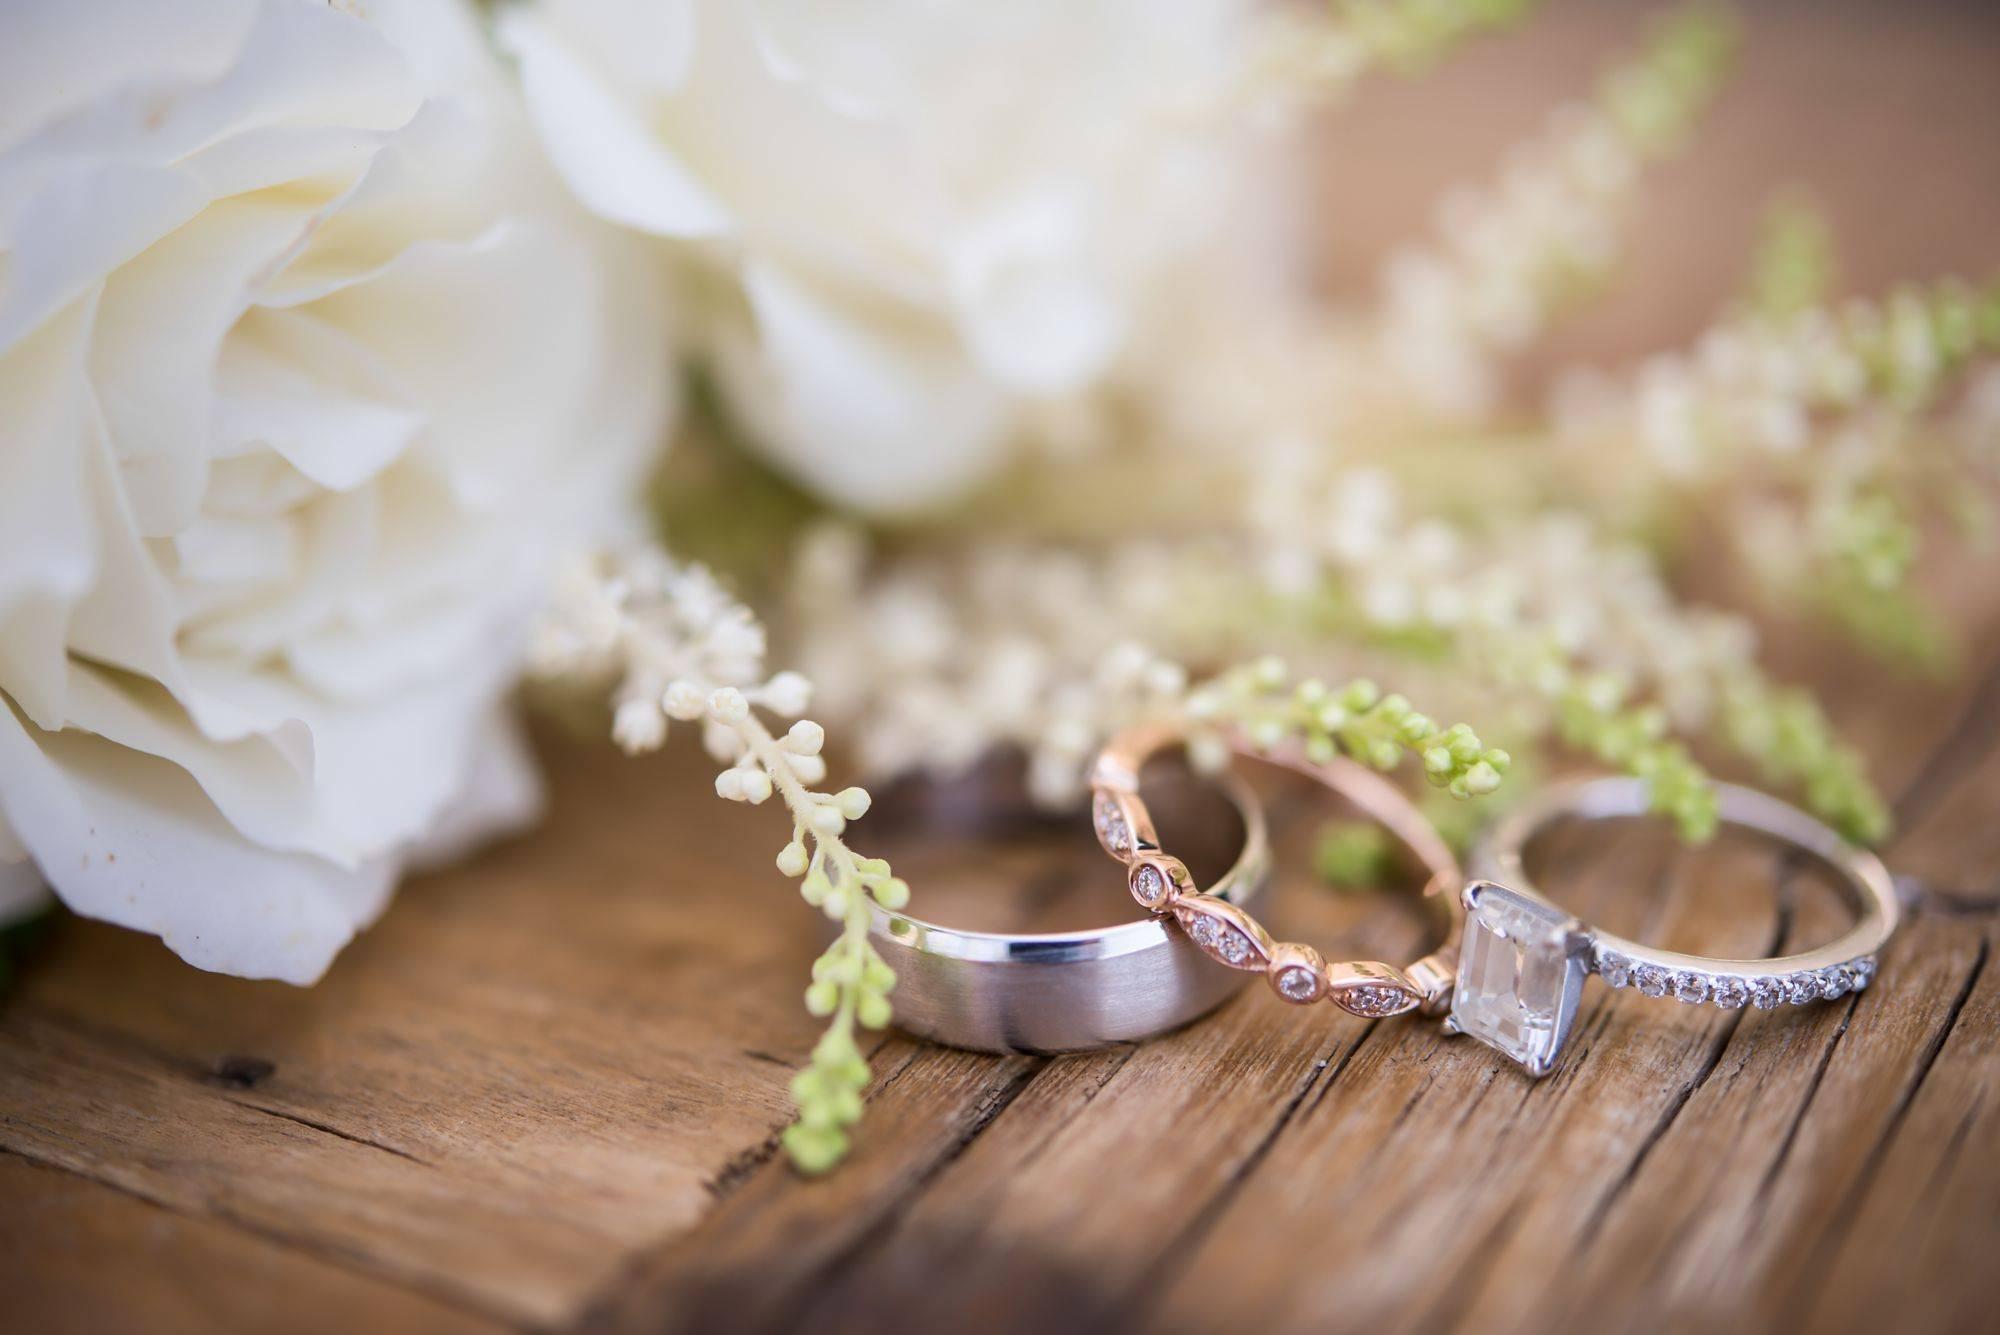 خواب دیدن عروسی چه تعبیری دارد؟